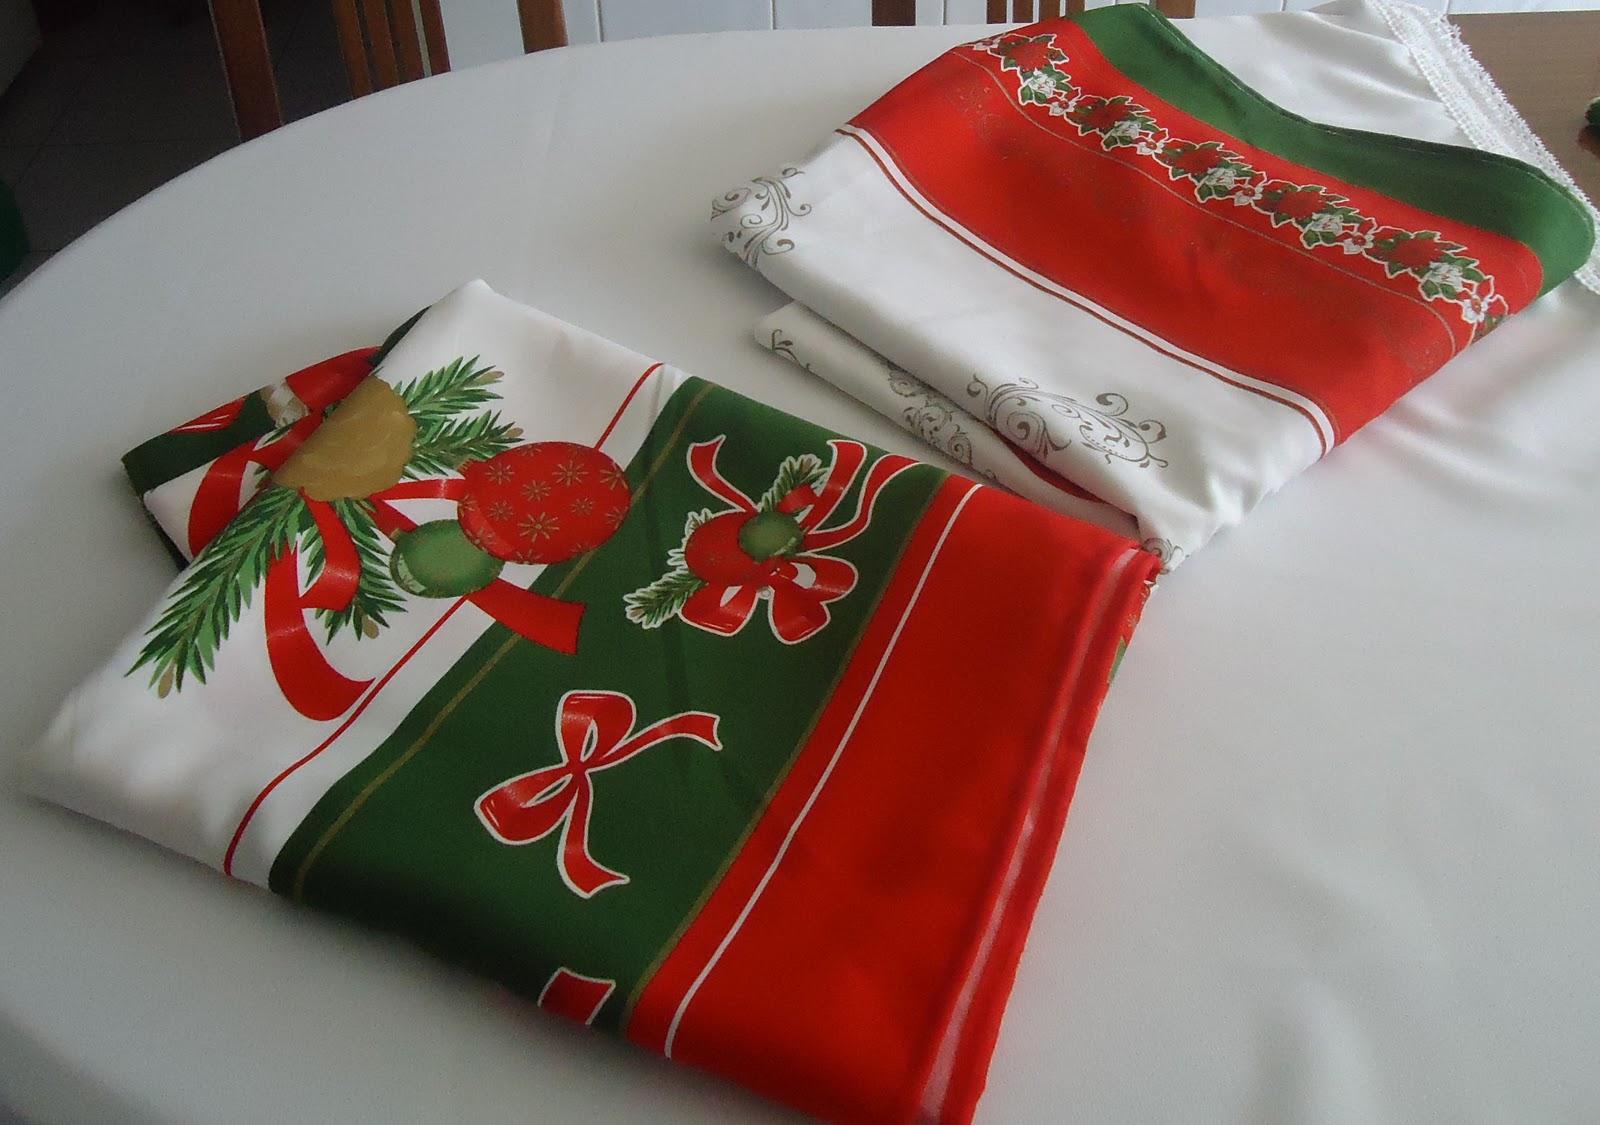 Confecciones cholita nos adelantamos manteles navide os preguntar ac o por mail - Manteles navidenos ...